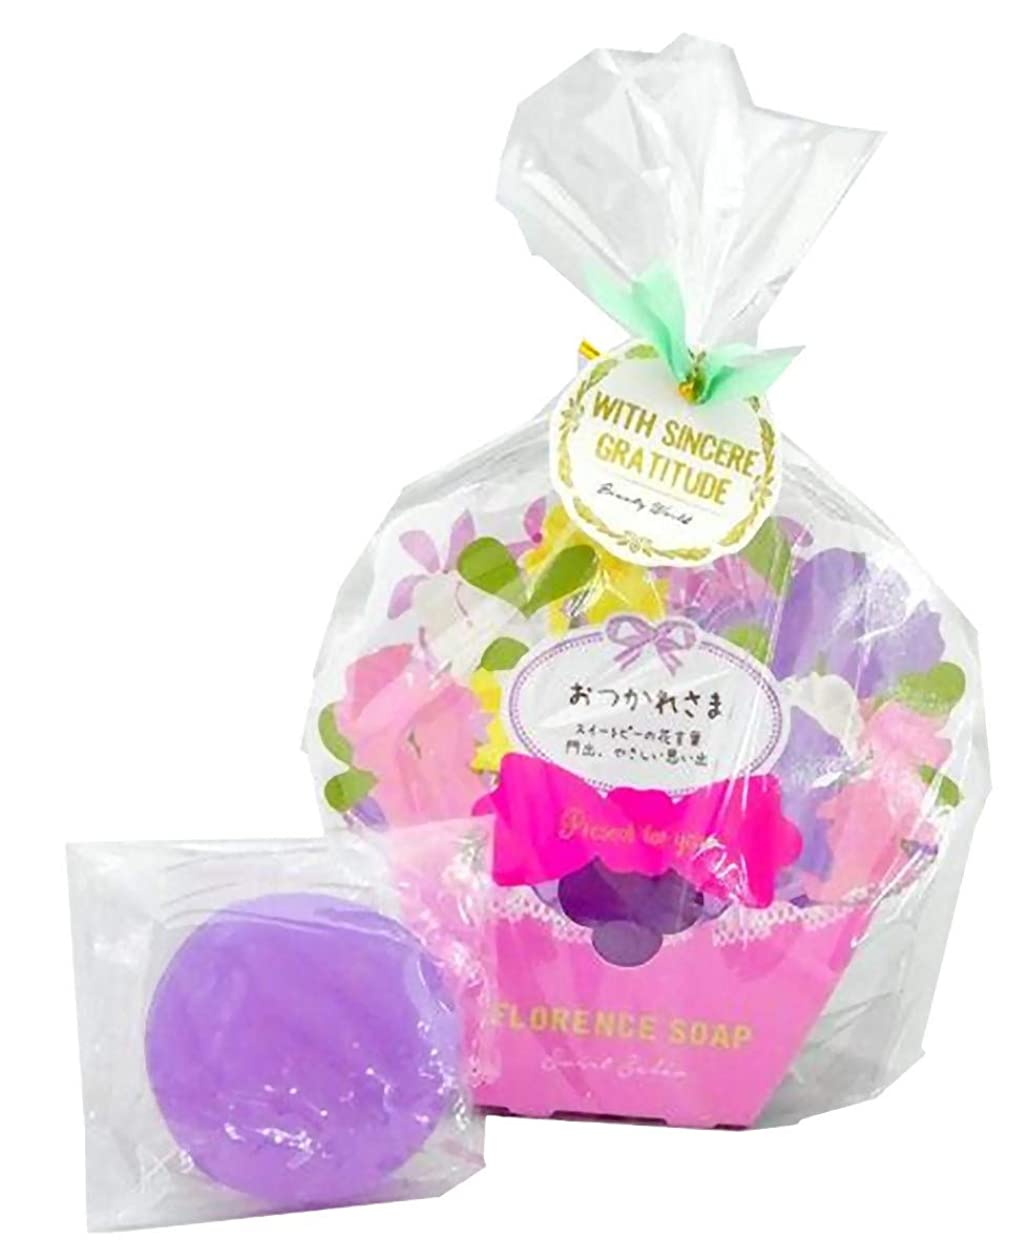 原理対抗影響力のあるビューティーワールド BWフローレンスの香り石けん 花束パッケージ 6個セット FSP383?スウィートシャボン